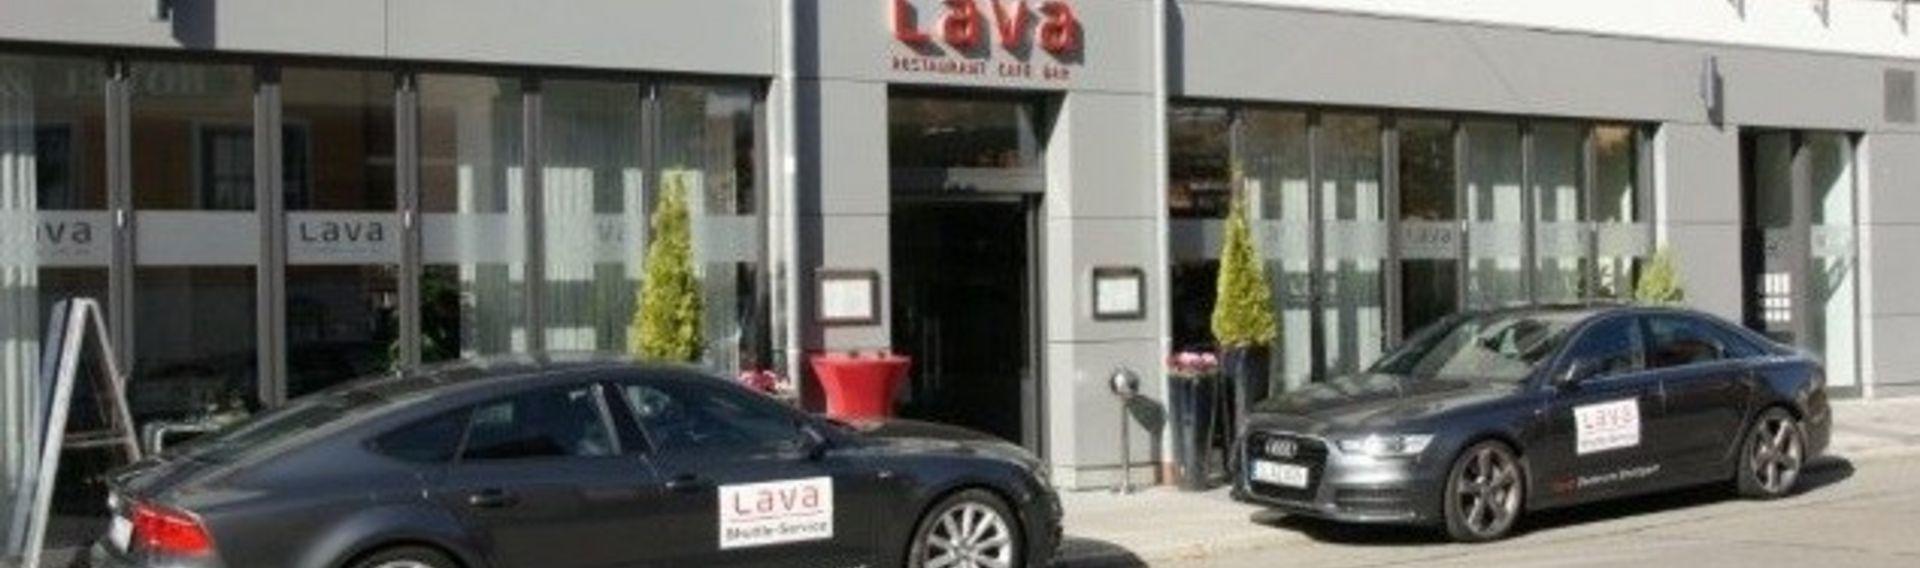 Lava Stuttgart – Restaurant Hunde willkommen